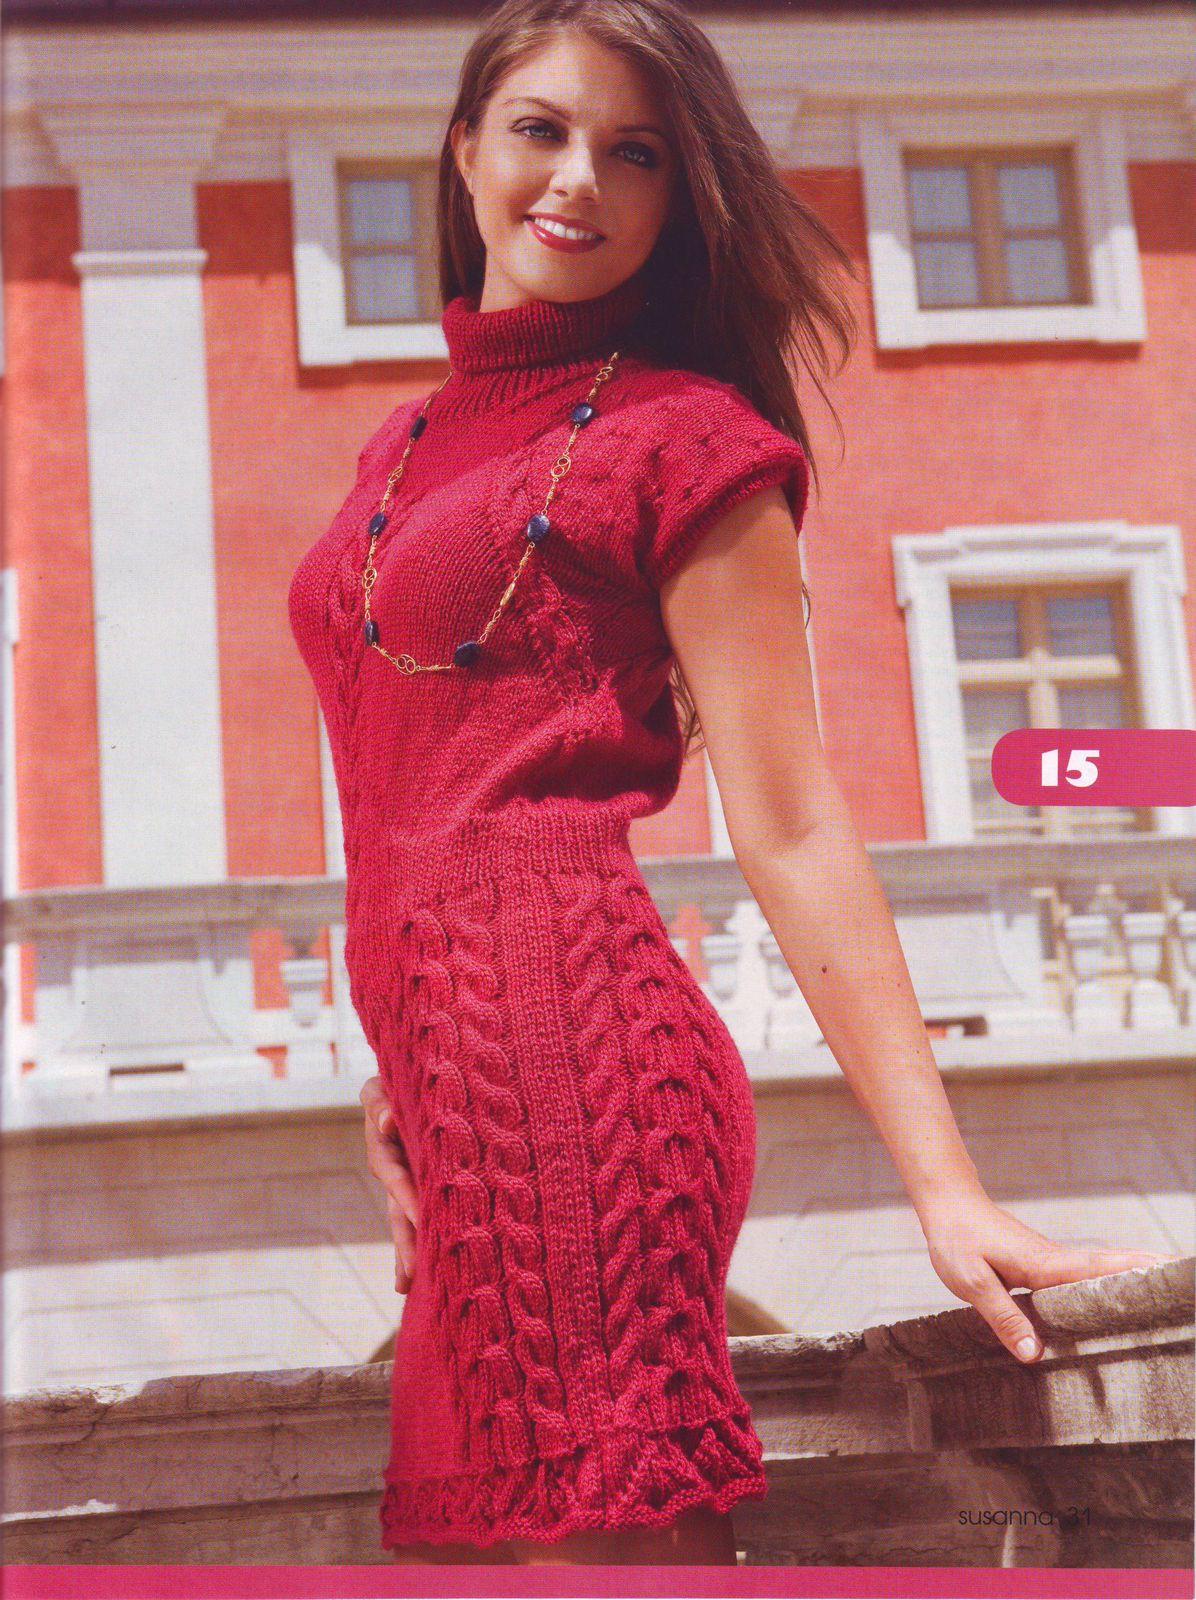 Вязание спицами. . Галерея женских вязаных моделей со схемами и описанием. . Платья, туники и. В этом разделе